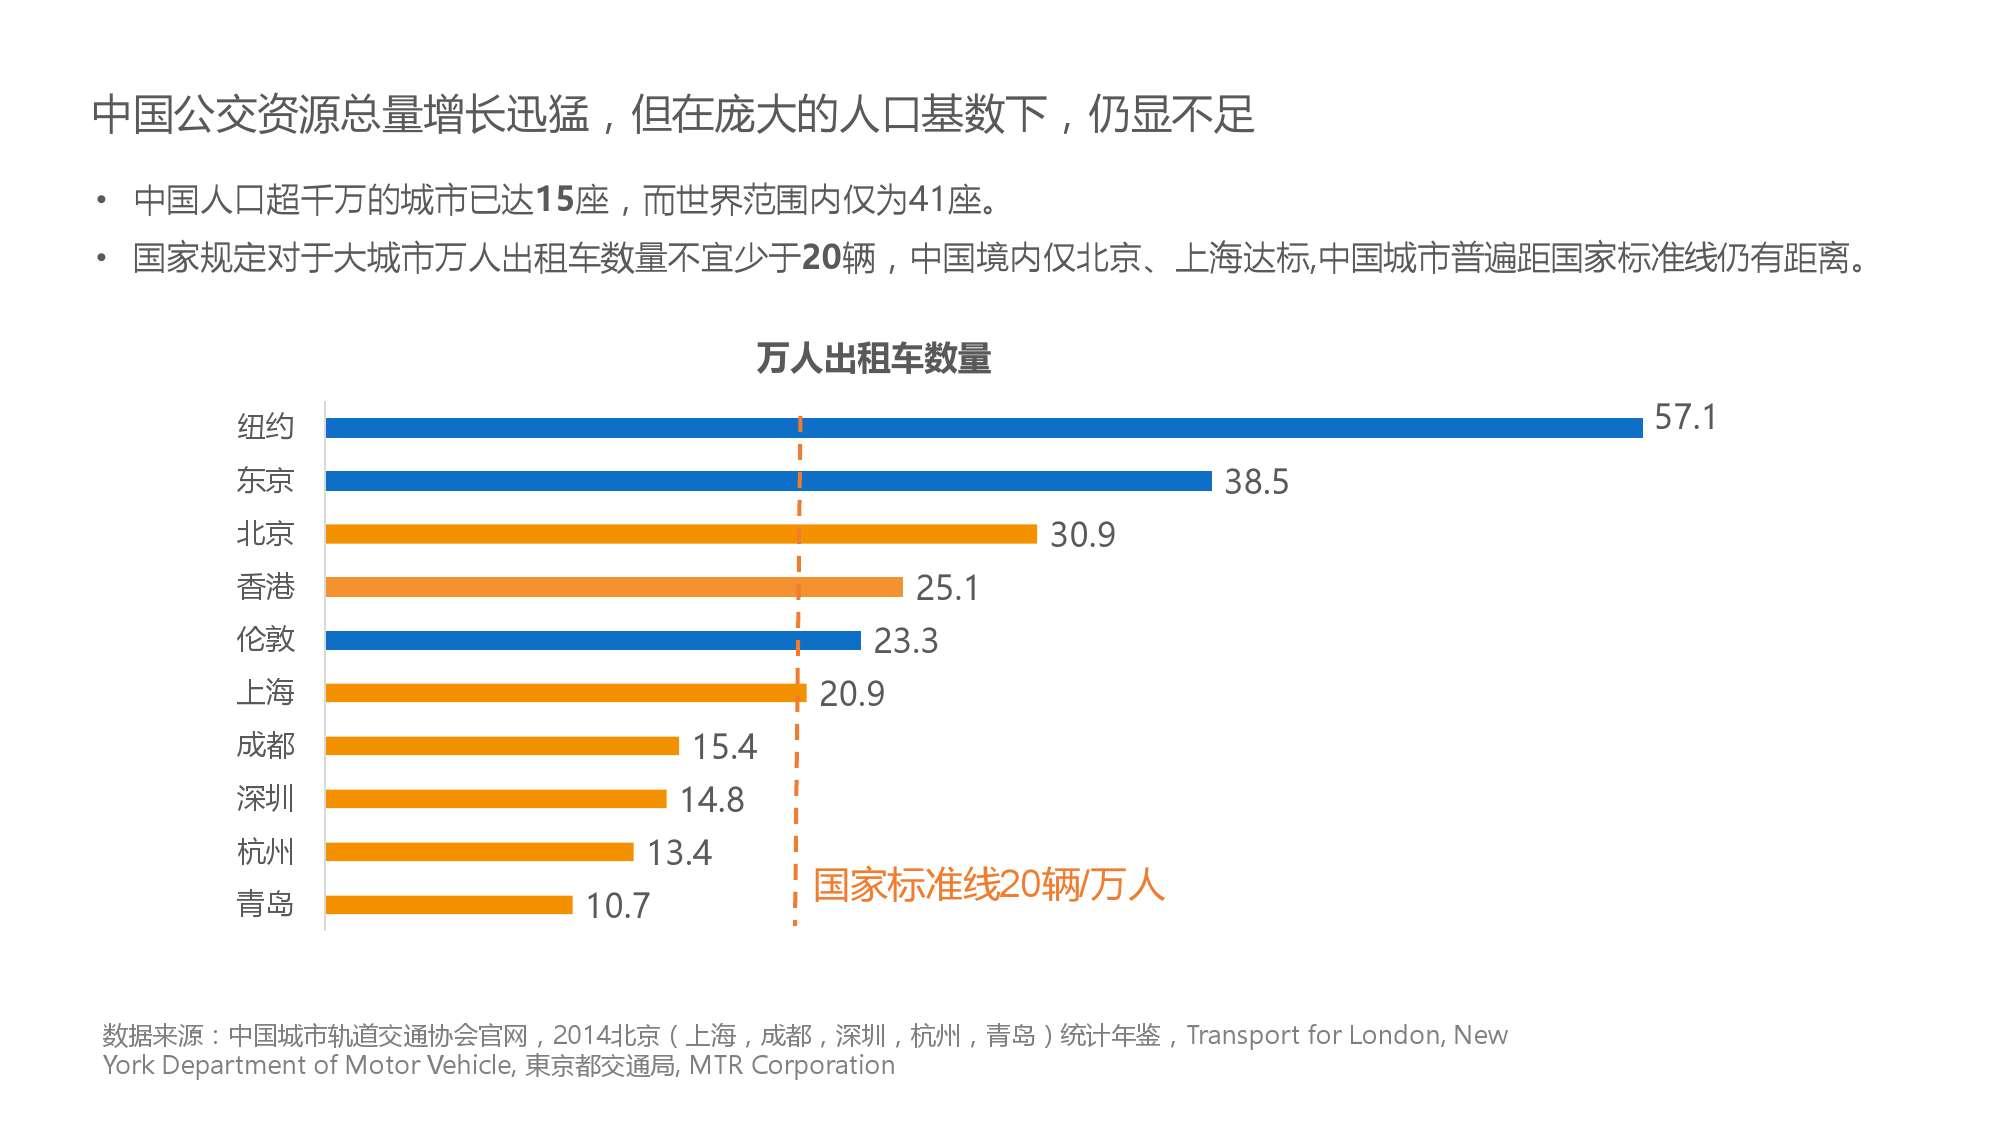 中国智能出行2015大数据报告_000028